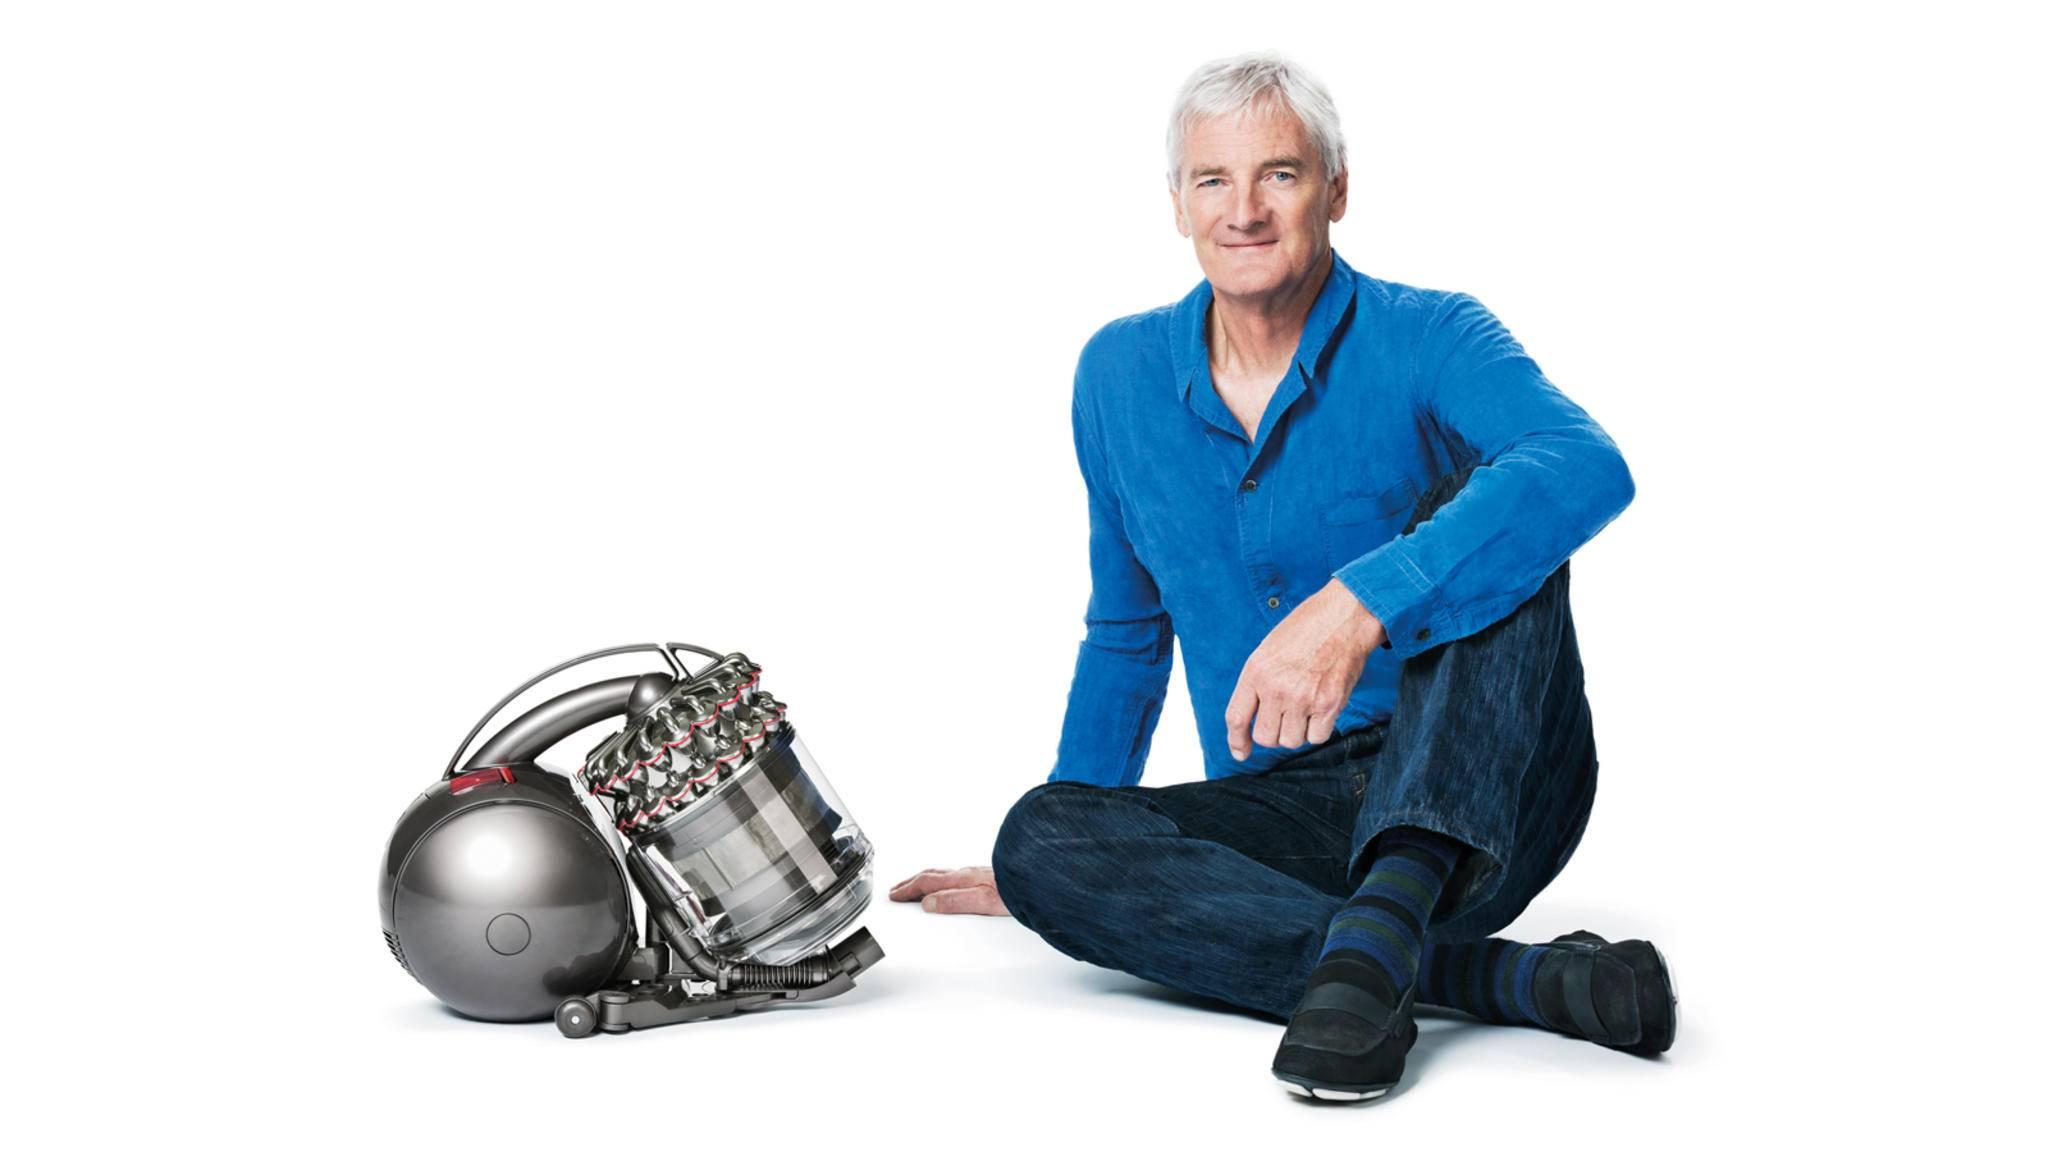 Staubsauger sind James Dyson nicht (mehr) genug: Der Unternehmer arbeitet offiziell am ersten Elektro-Auto seiner Firma.